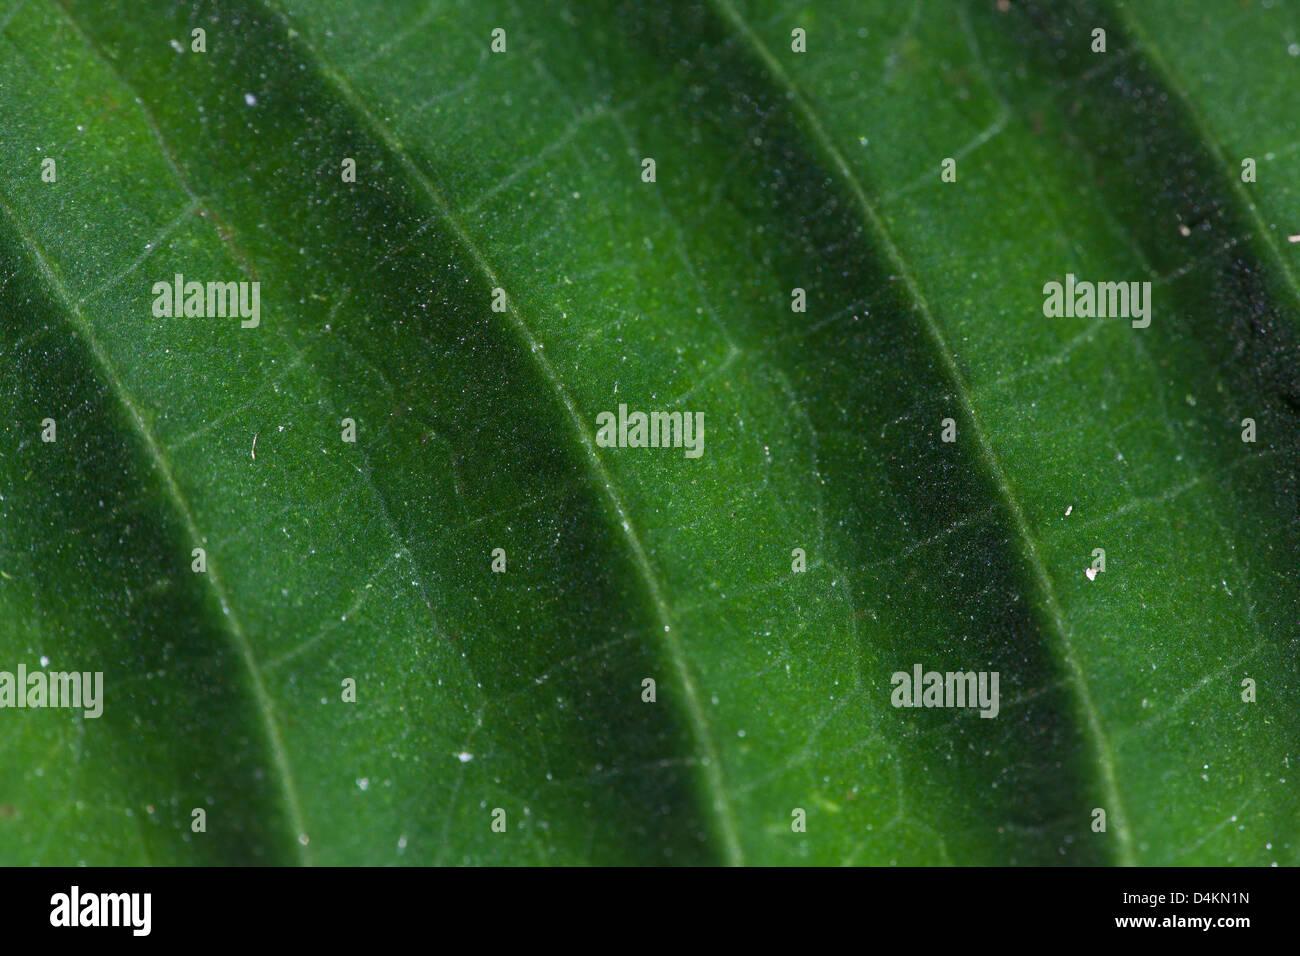 Estructuras de hojas en el Parque Nacional La Amistad, provincia de Panamá, República de Panamá. Foto de stock